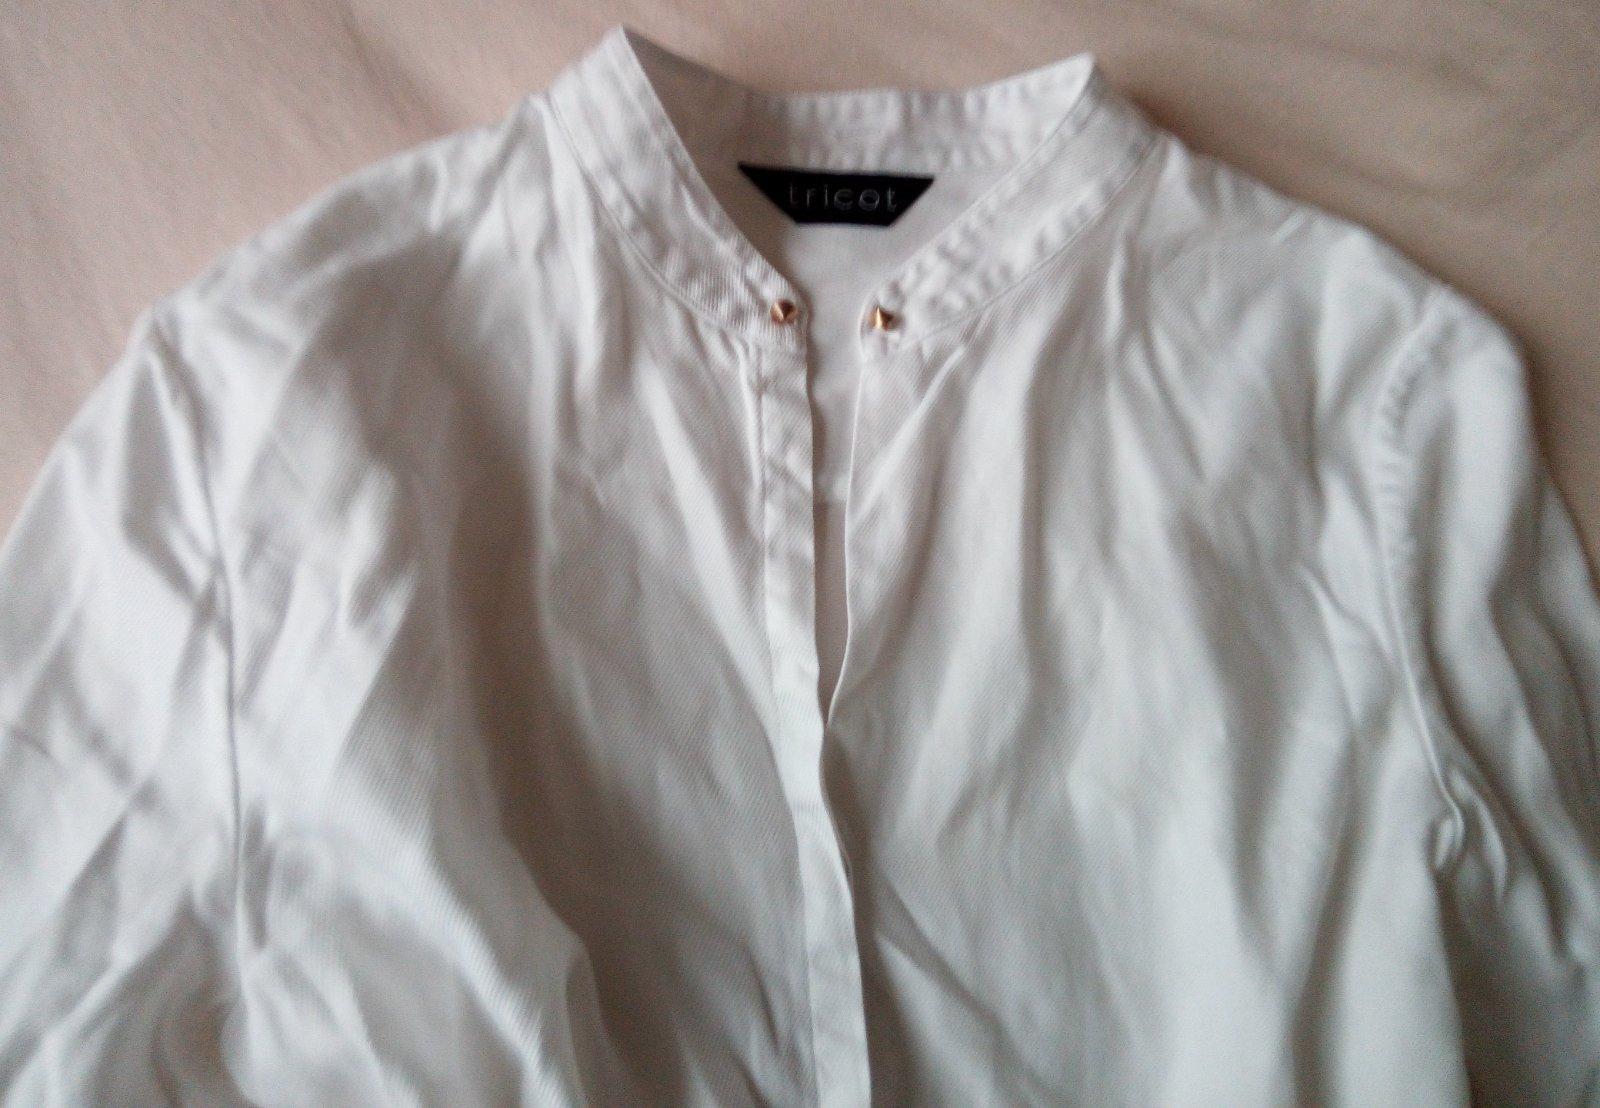 Biela blúzka S - Obrázok č. 3